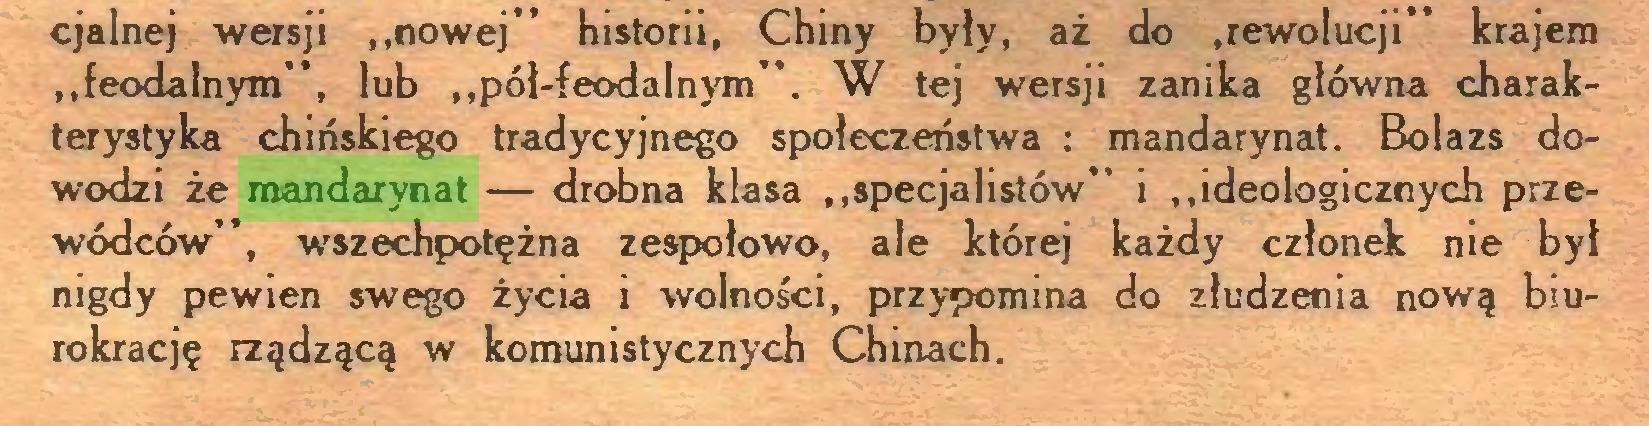 """(...) cjalnej wersji """"nowej"""" historii, Chiny były, aż do .rewolucji"""" krajem """"feodalnym"""", lub """"pół-feodalnym"""". W tej wersji zanika główna charakterystyka chińskiego tradycyjnego społeczeństwa : mandarynat. Bolazs dowodzi że mandarynat — drobna klasa """"specjalistów"""" i """"ideologicznych przewódców"""", wszechpotężna zespołowo, ale której każdy członek nie był nigdy pewien swego życia i wolności, przypomina do złudzenia nową biurokrację rządzącą w komunistycznych Chinach..."""